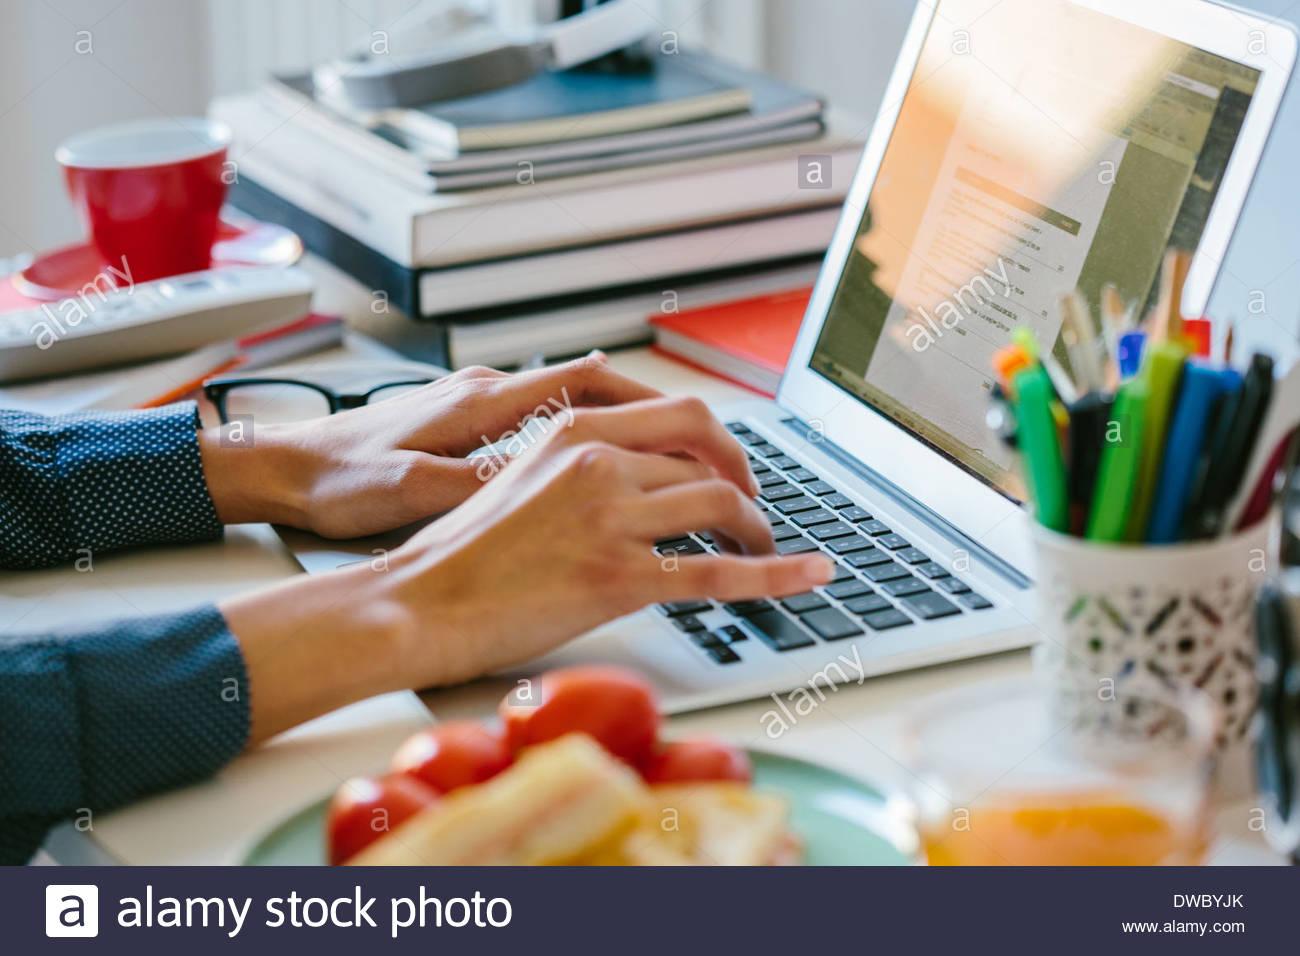 Giovane donna utilizzando computer portatile mentre breakfasting Immagini Stock